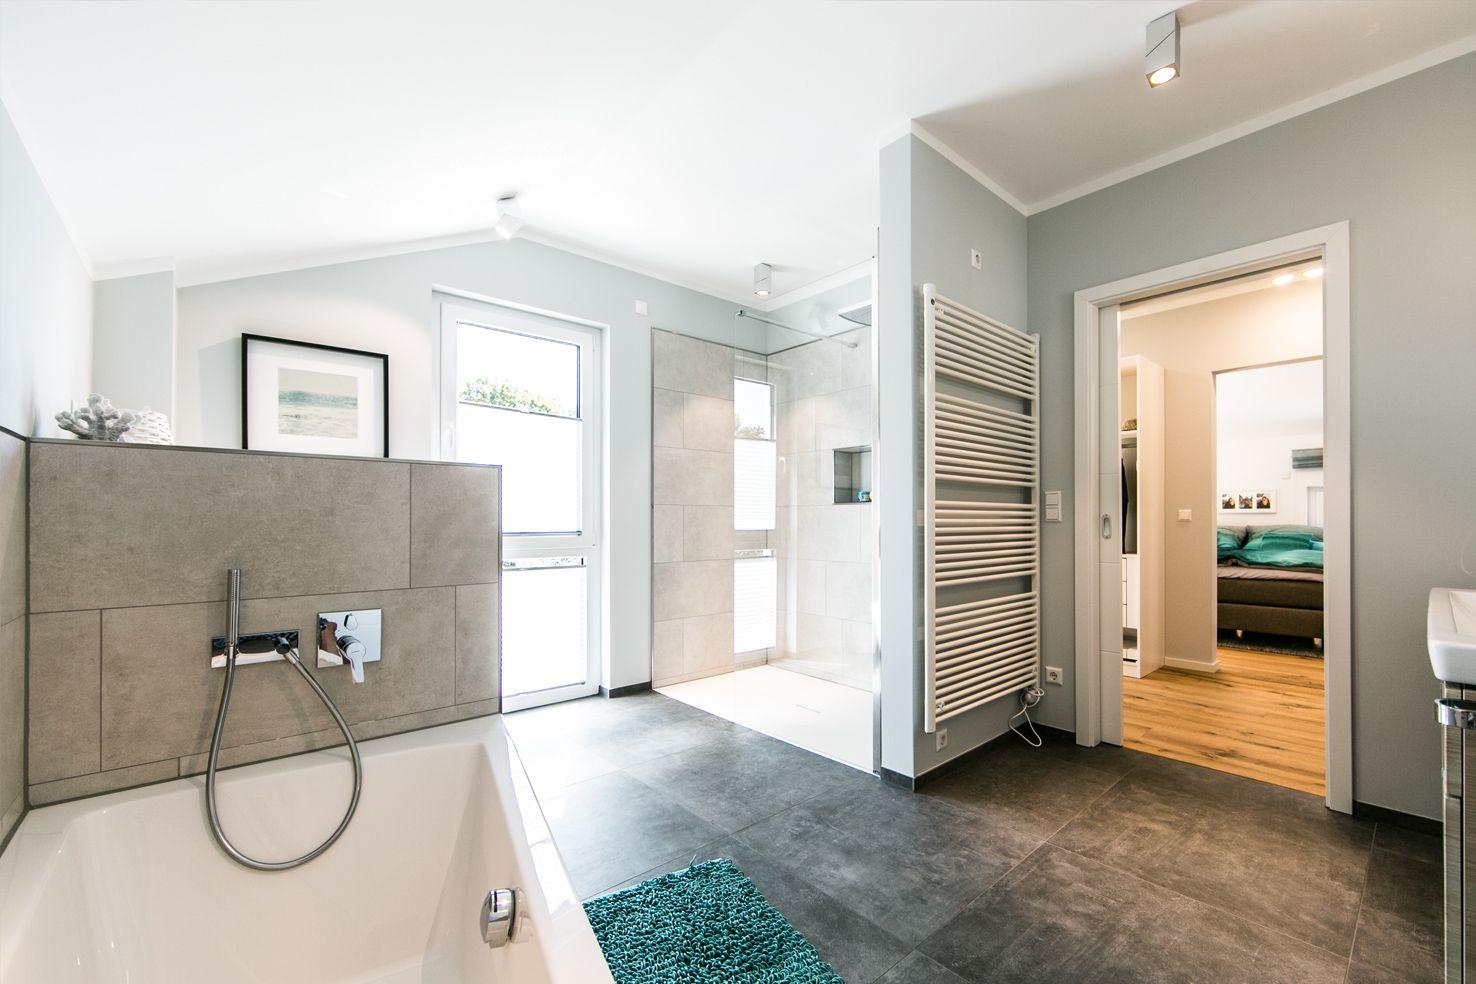 Deckenventilator Badezimmer ~ Okal individuelle grundrisse oasen zum träumen und wohlfühlen